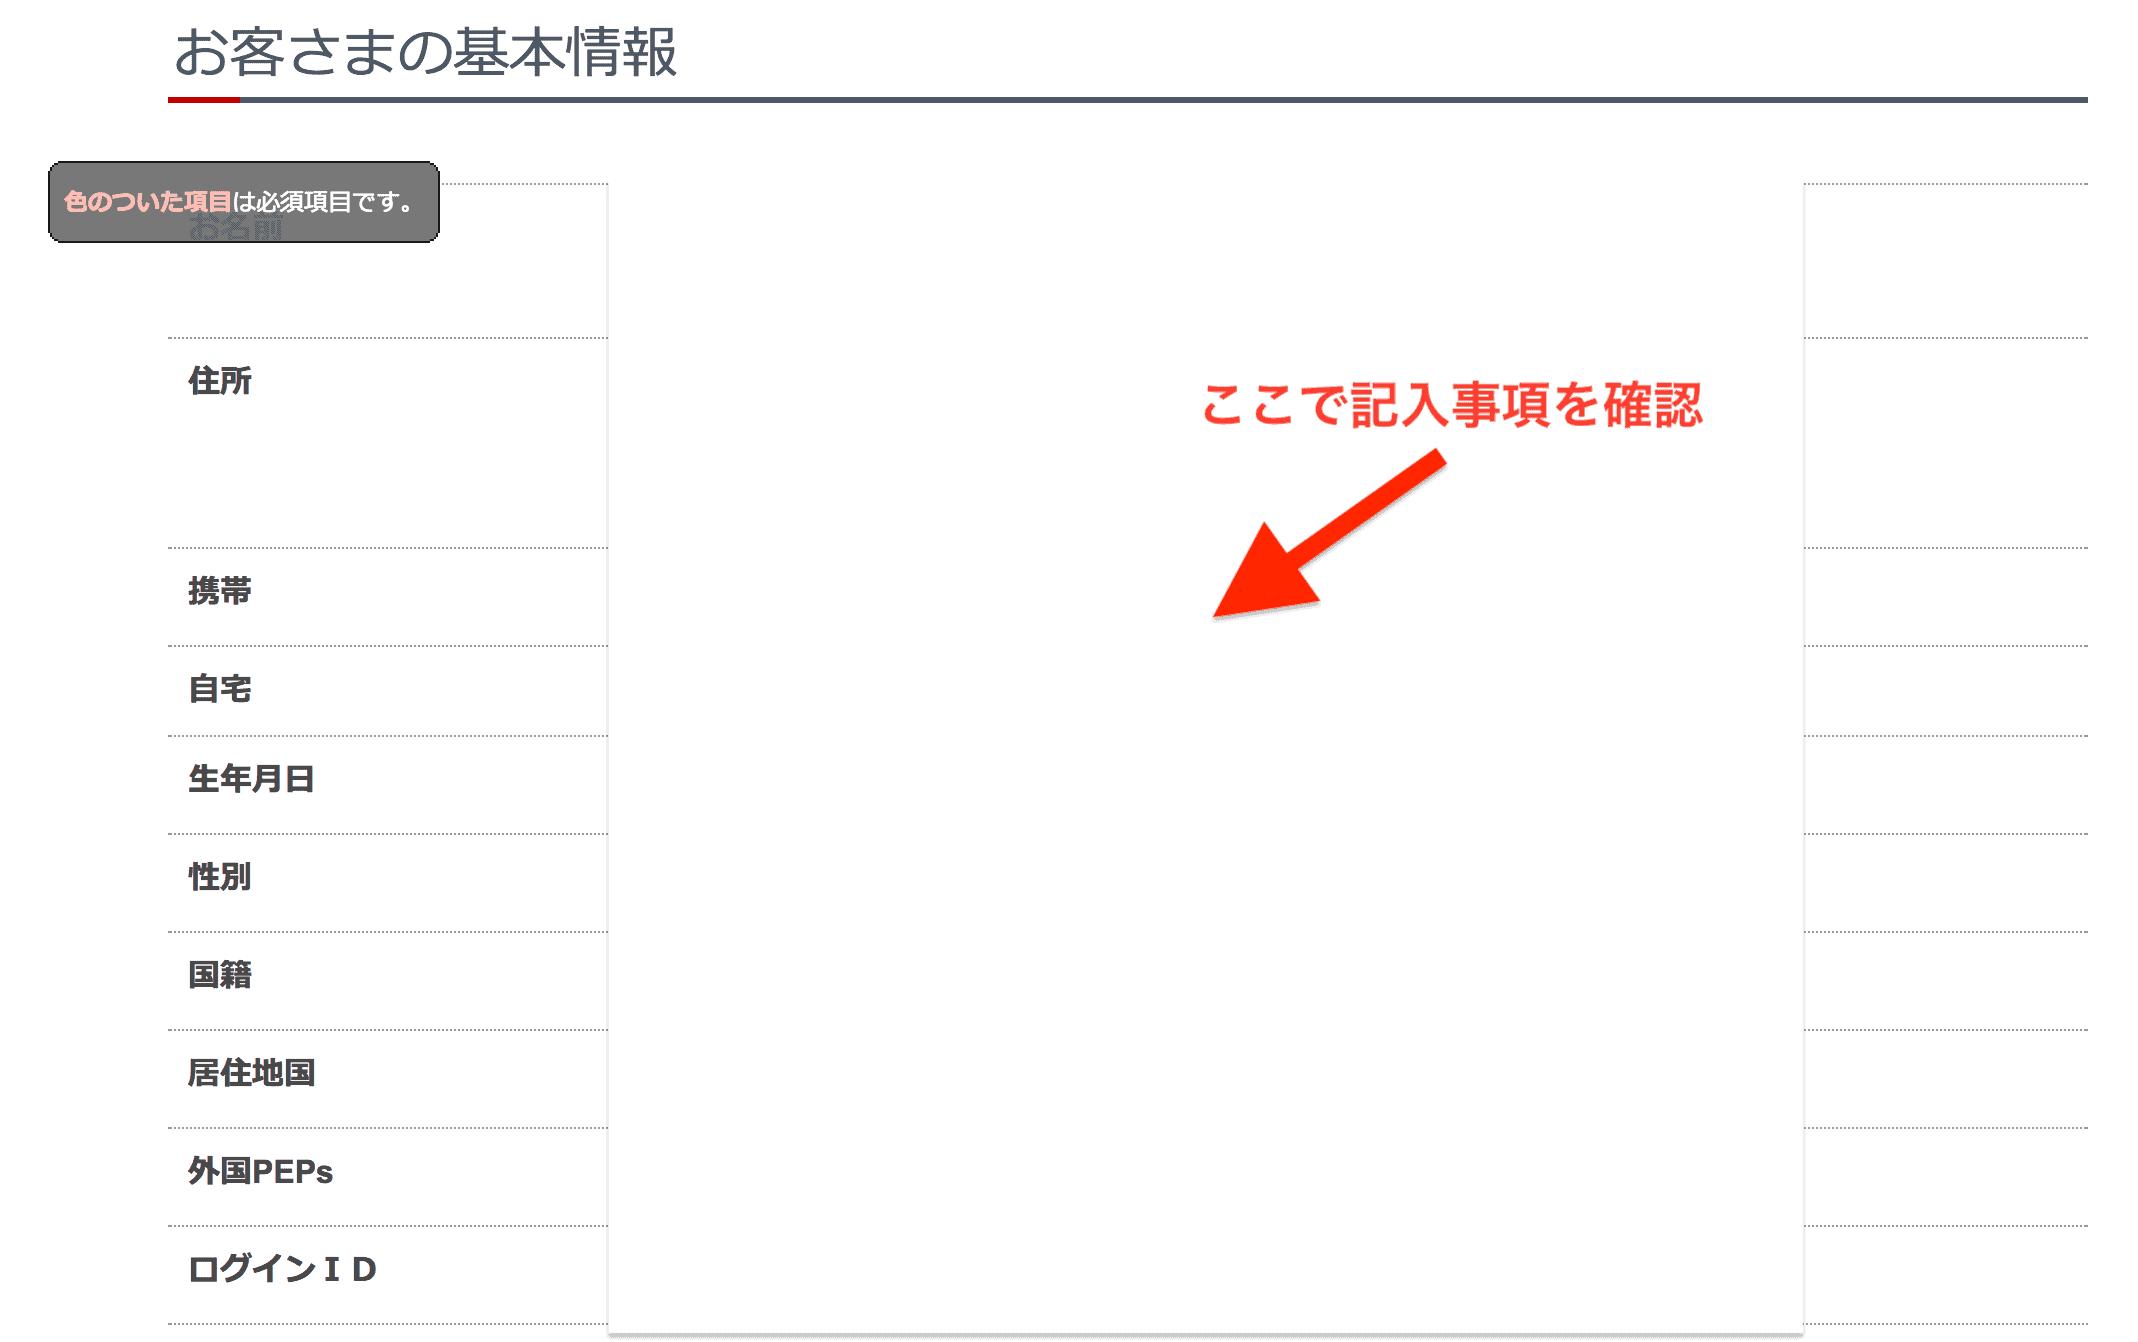 岡三オンライン証券口座開設記入事項の確認